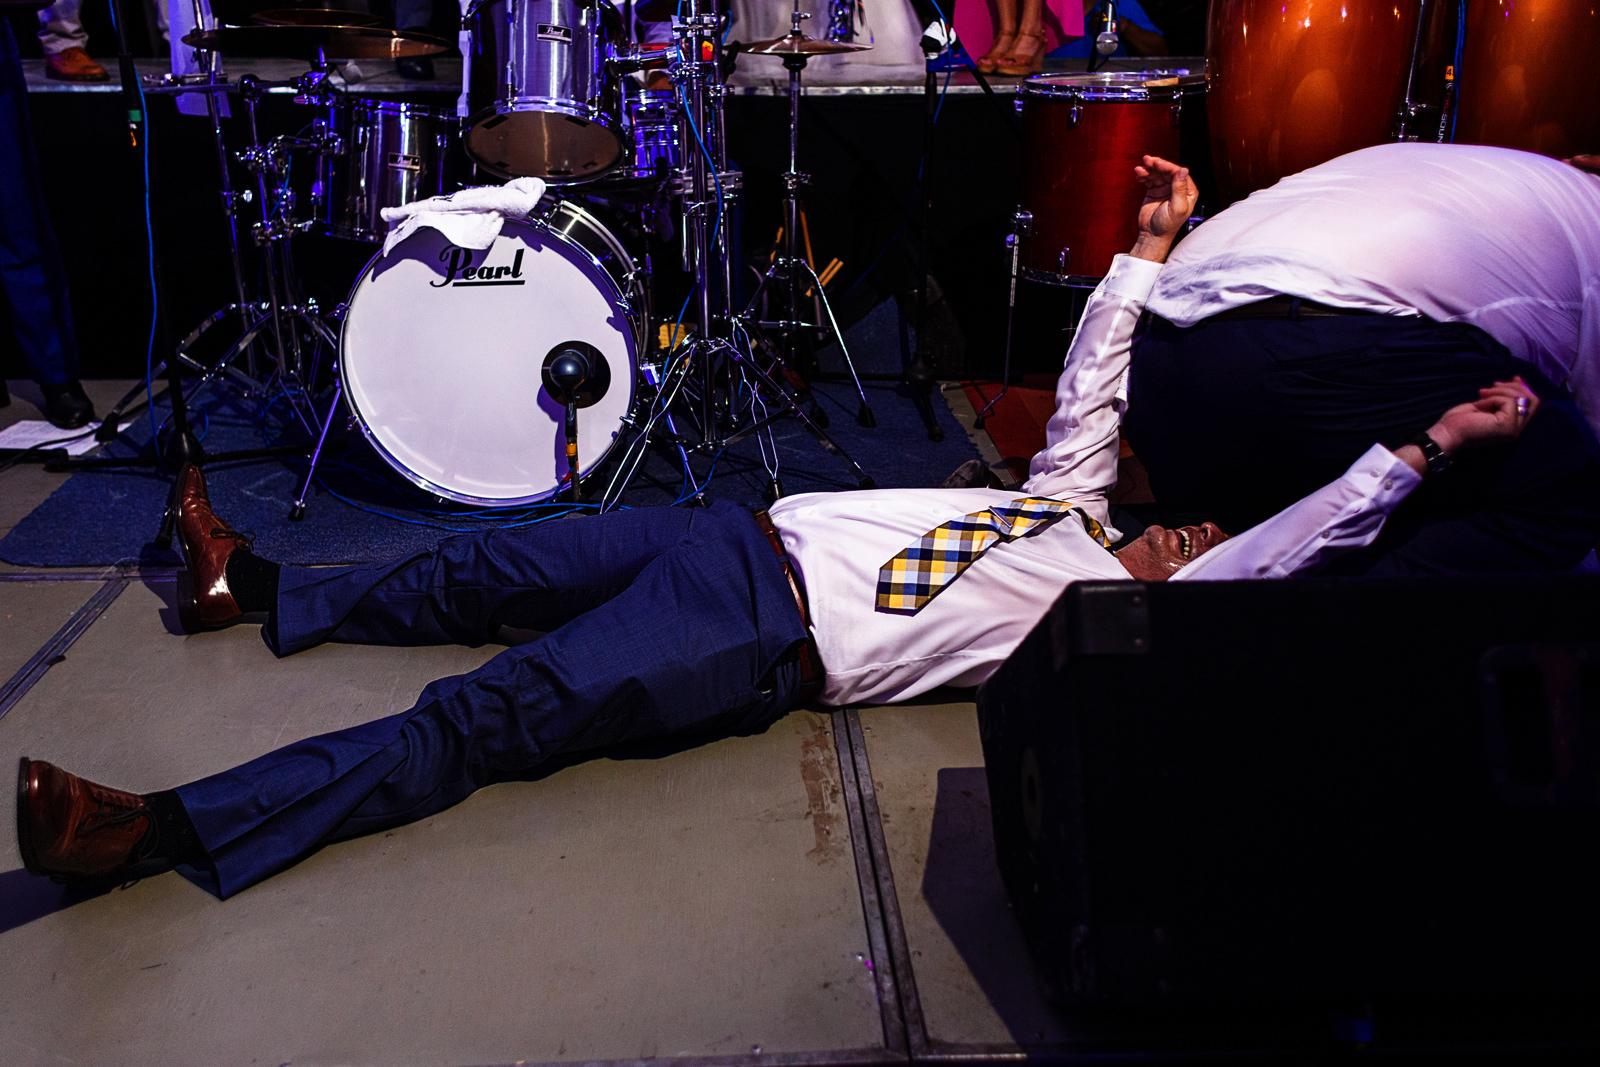 Un invitado acostado de espalda al piso del escenario durante un concurso de baile, tiene el trasero de otro concursante en su cara, en la fiesta del día de boda